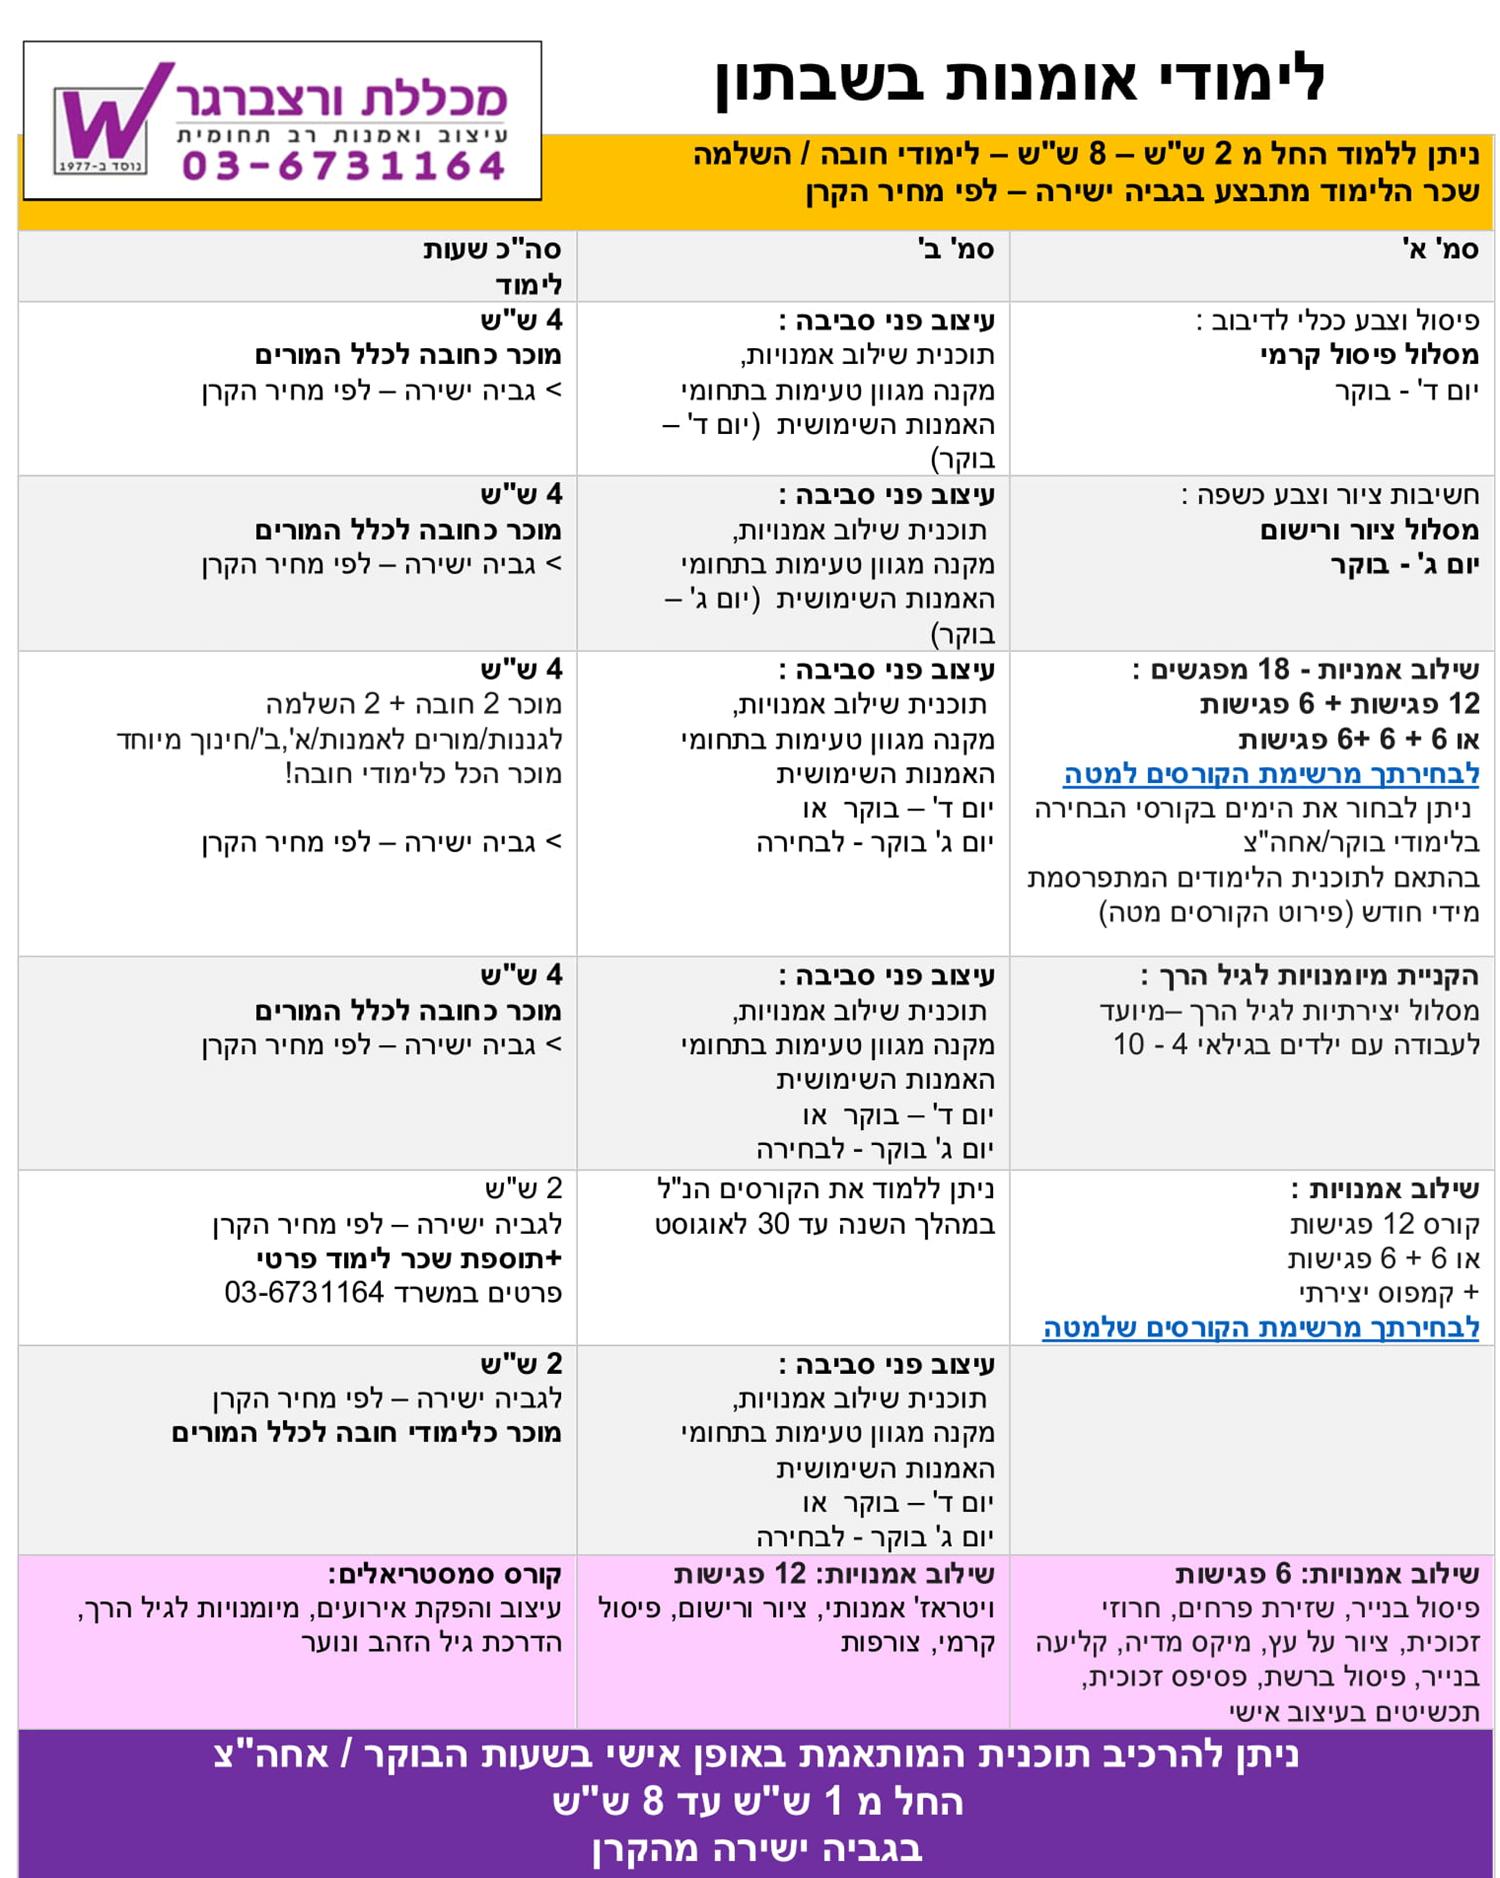 תוכנית לימוד לשבתון - מכללת ורצברגר